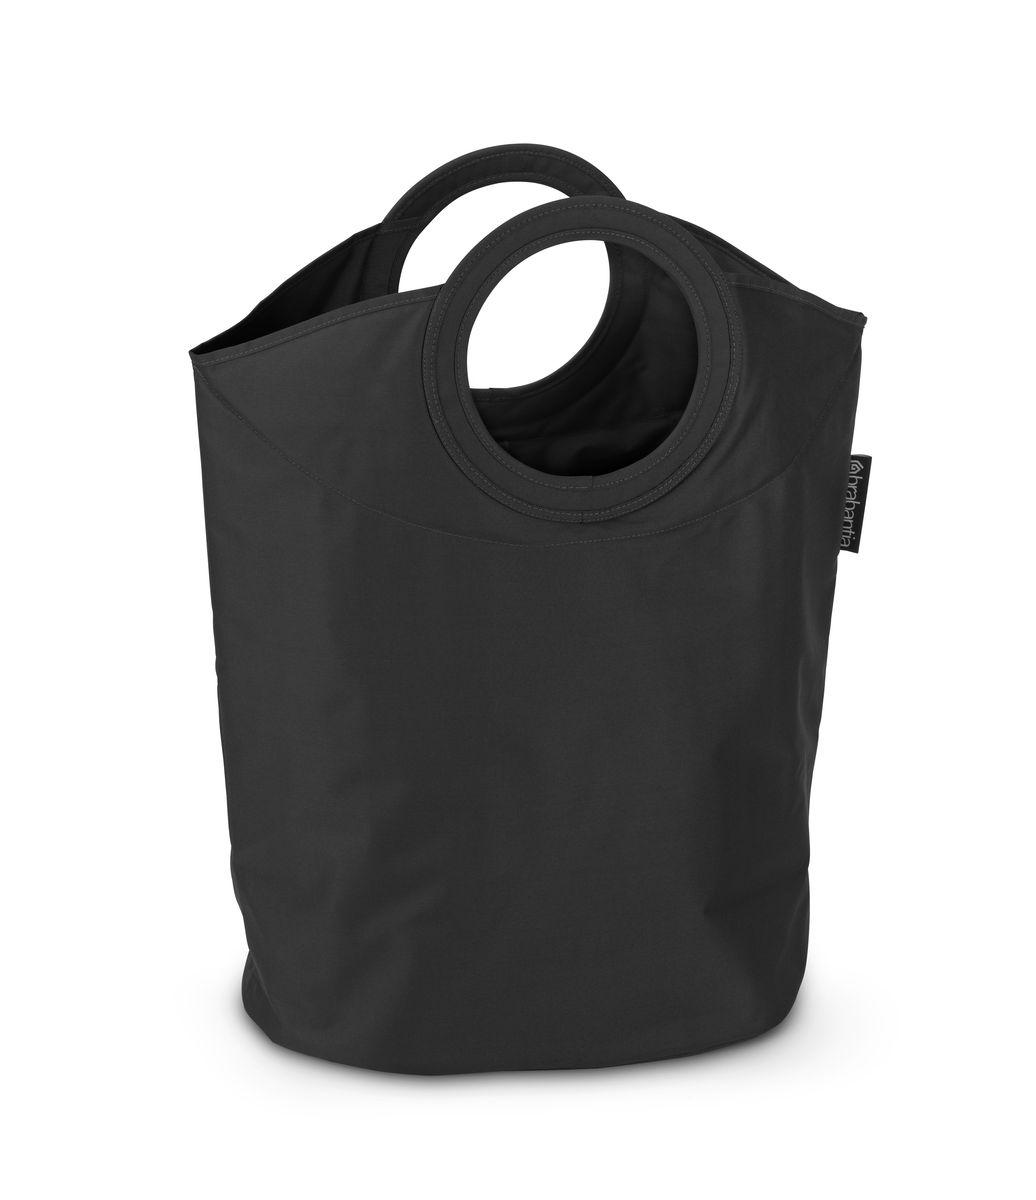 Сумка для белья Brabantia, цвет: черный, 50 л. 101601101601Оригинальная сумка для белья Brabantia экономит место и превращает вашу стирку в увлекательное занятие. С помощью складывающихся магнитных ручек сумка закрывается и превращается в корзину для белья с загрузочным отверстием. Собрались стирать? Поднимите ручки, и ваша сумка готова к использованию. Особенности: Загрузочное отверстие для быстрой загрузки белья - просто сложите магнитные ручки; Большие удобные ручки для переноски; Удобно загружать белье в стиральную машину - большая вместимость и широкое отверстие; 2 года гарантии Brabantia; Объем 50 л.